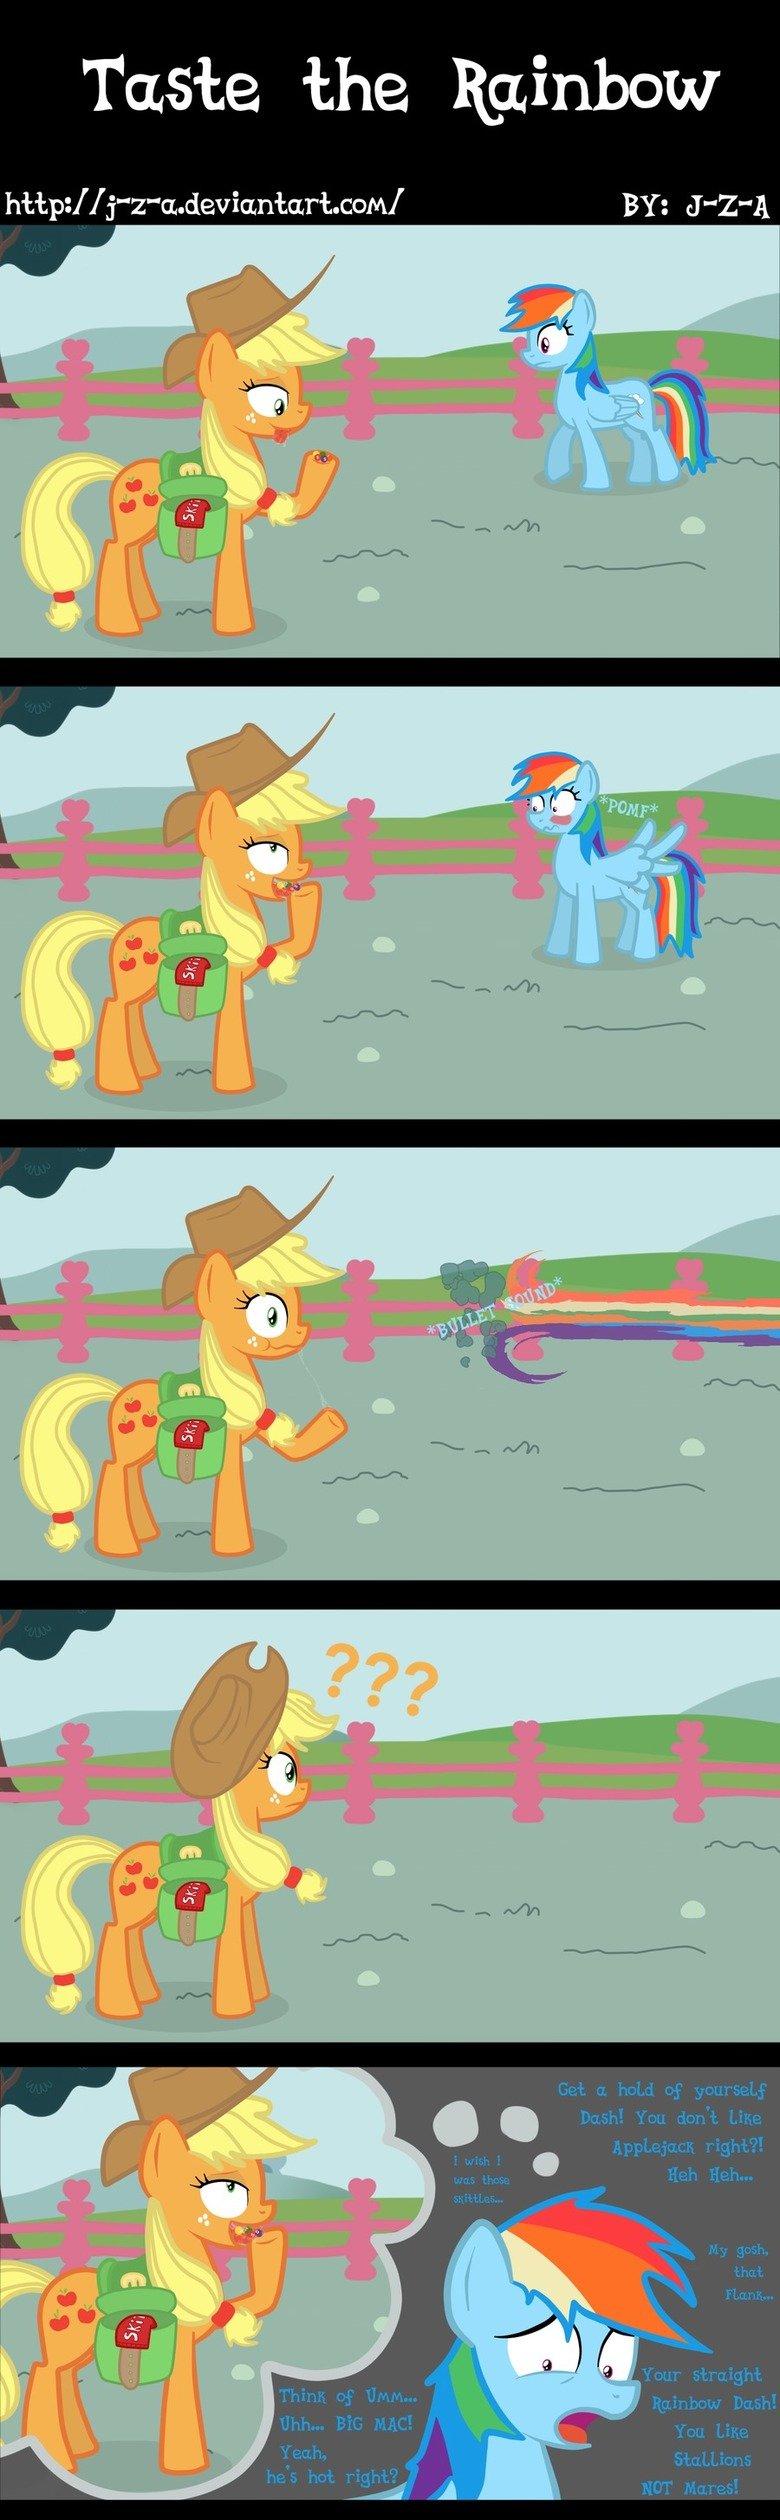 Taste the Rainbow. . Taste the Rainbow lellel BY: 'leel